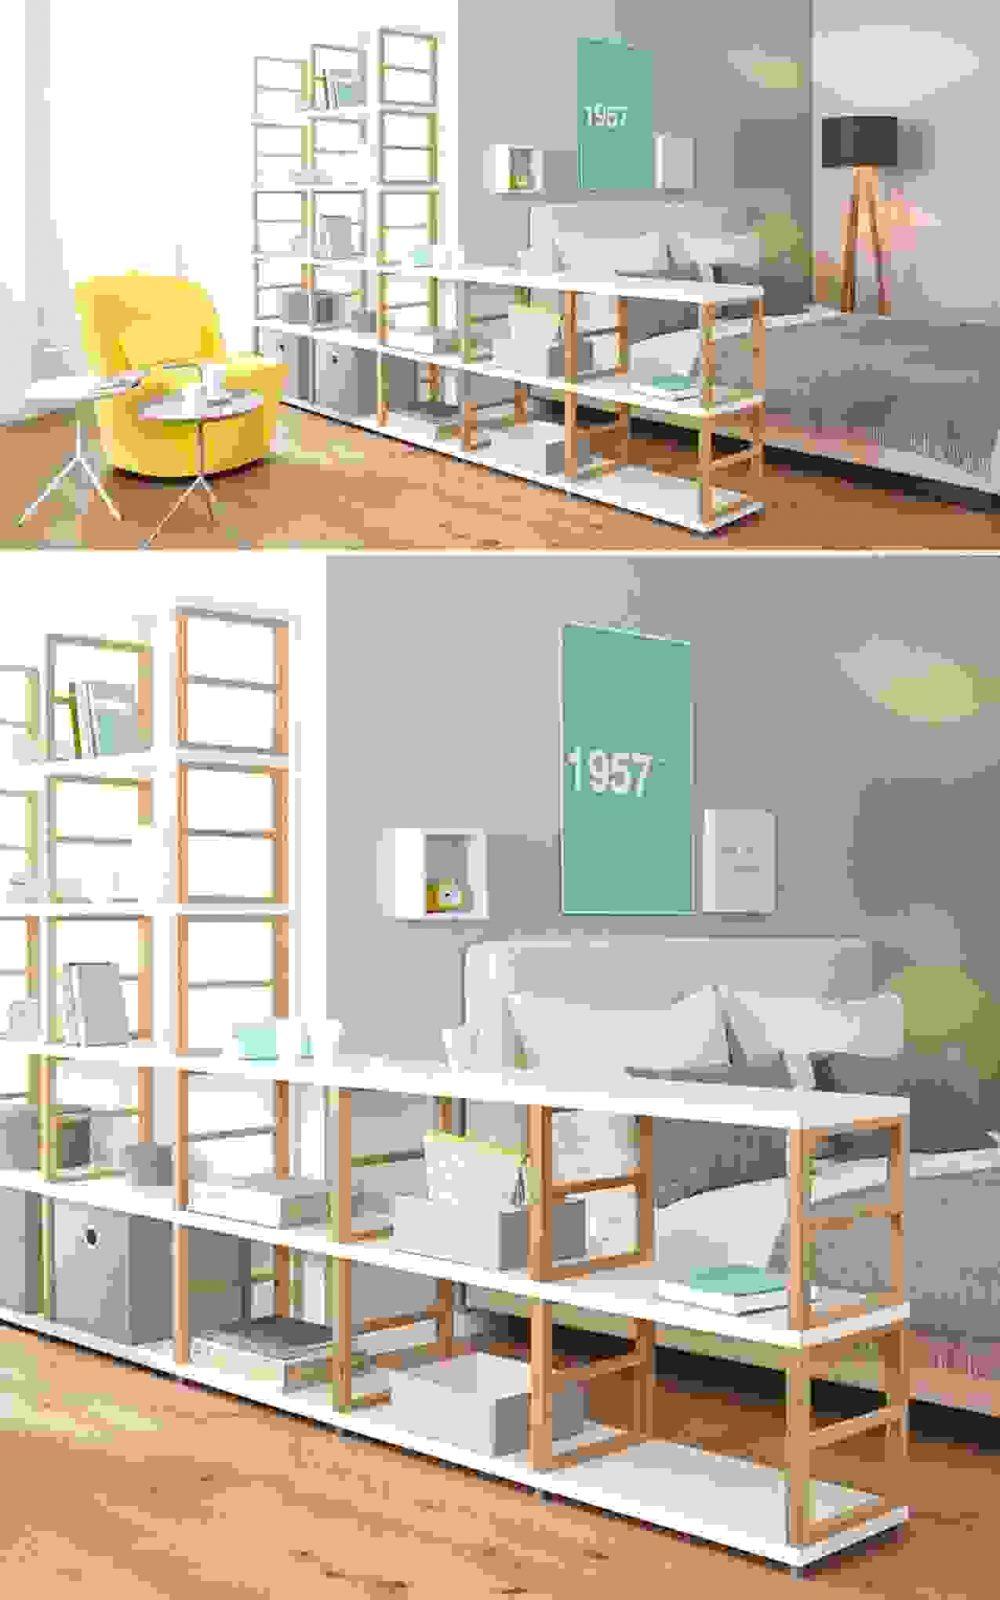 Frisch 40 Ausgefallene Ideen Zur Raumabtrennung Konzept von Ausgefallene Ideen Zur Raumabtrennung Photo